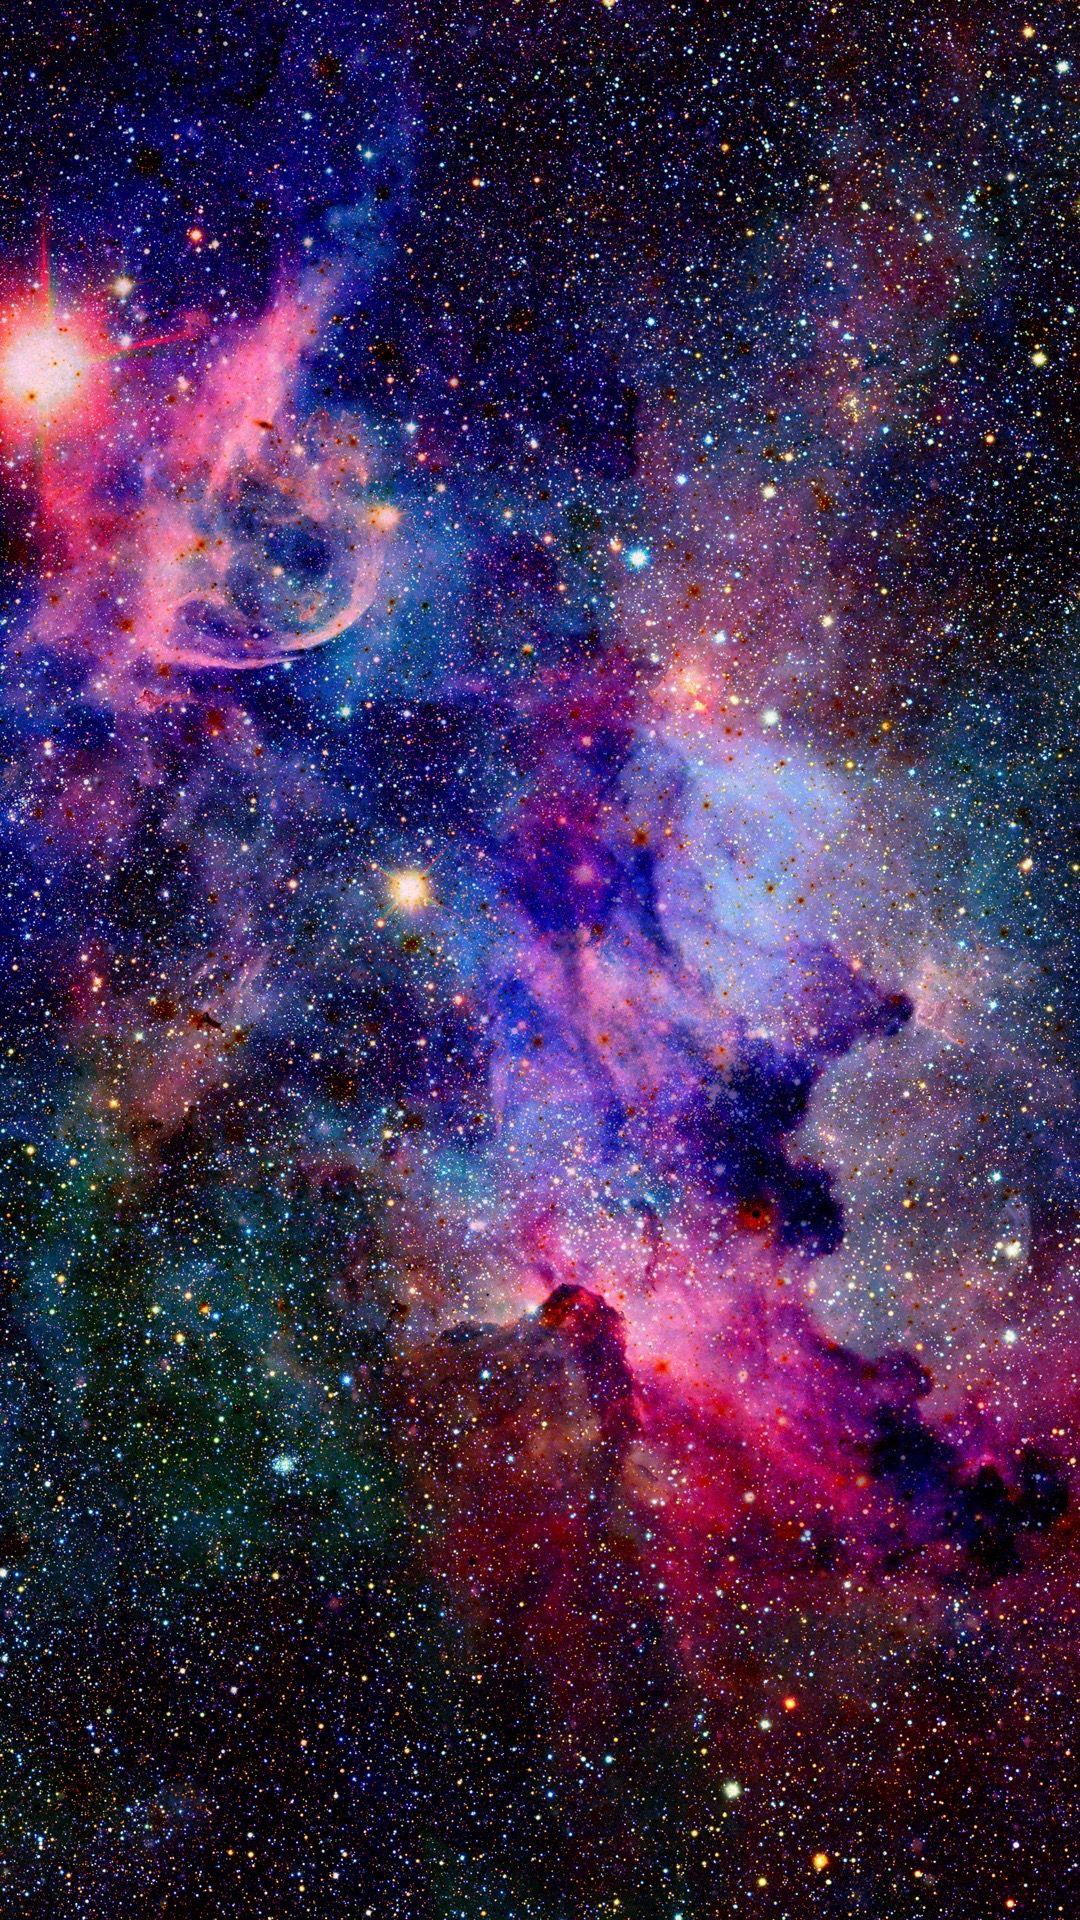 Hình galaxy đẹp nhất